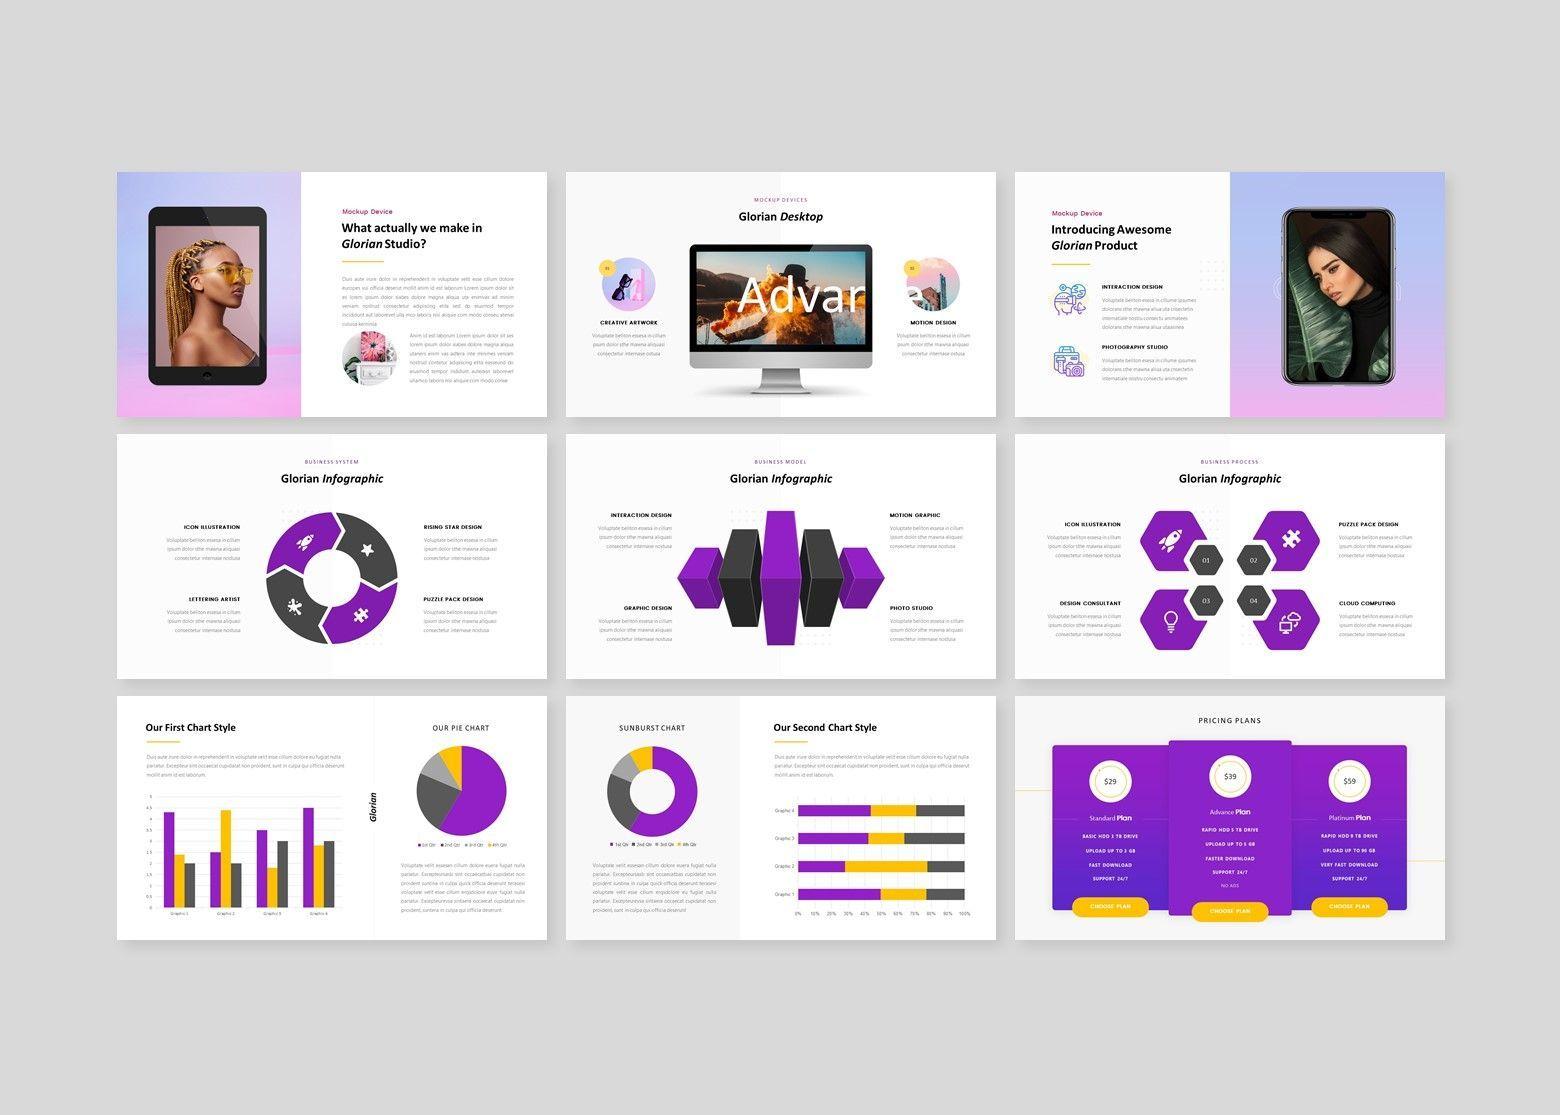 Glorian Creative Business PowerPoint Template, Slide 5, 08115, Business Models — PoweredTemplate.com